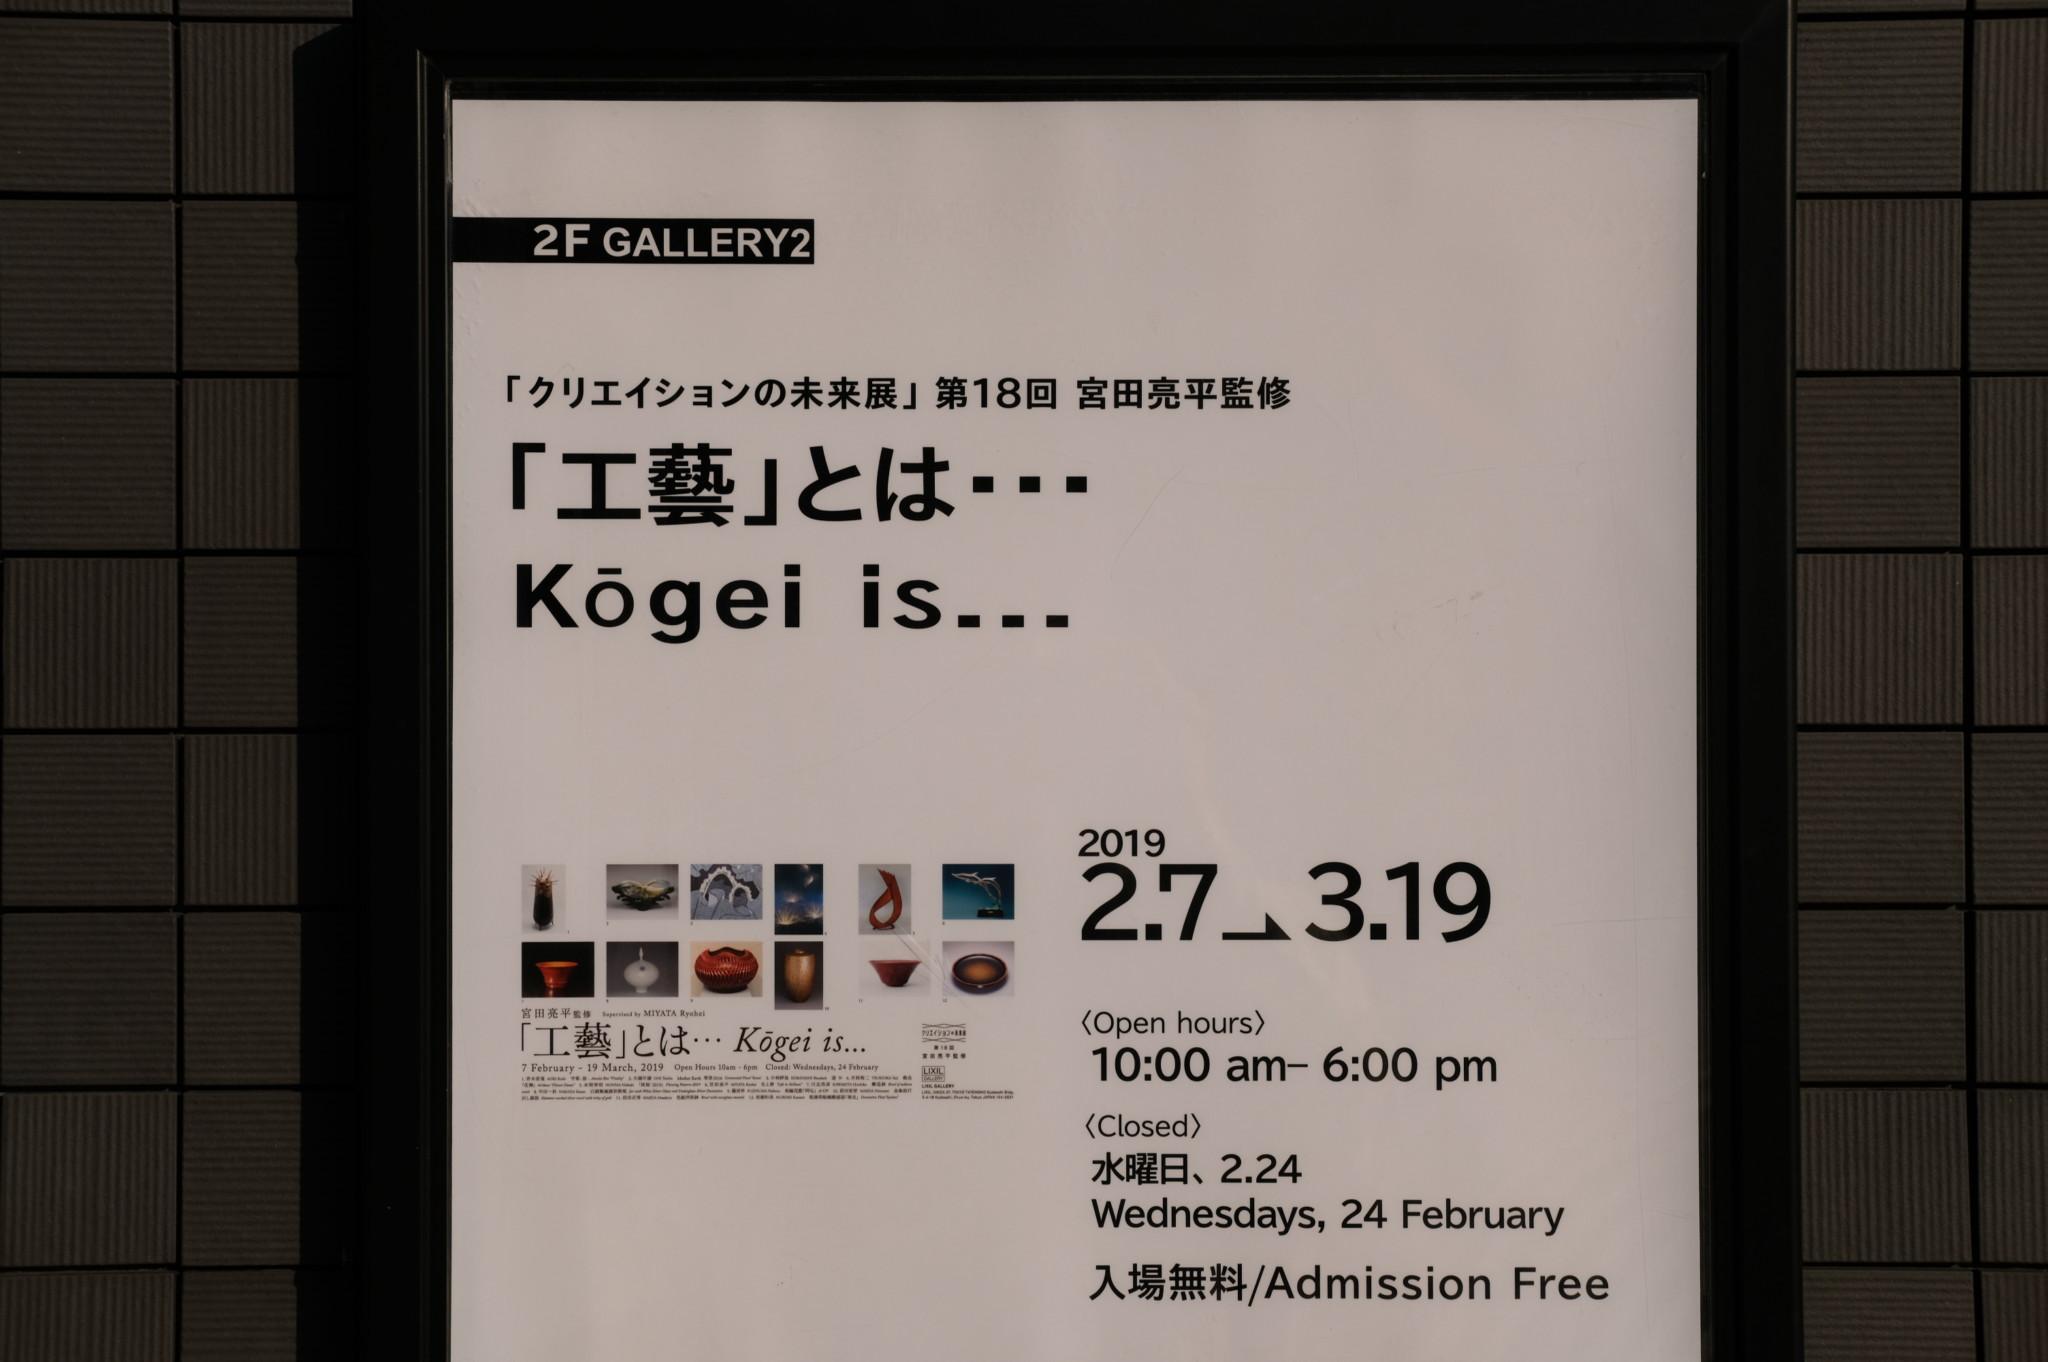 クリエイションの未来展 第18回 宮田亮平監修 「工藝」とは・・・@LIXILギャラリー